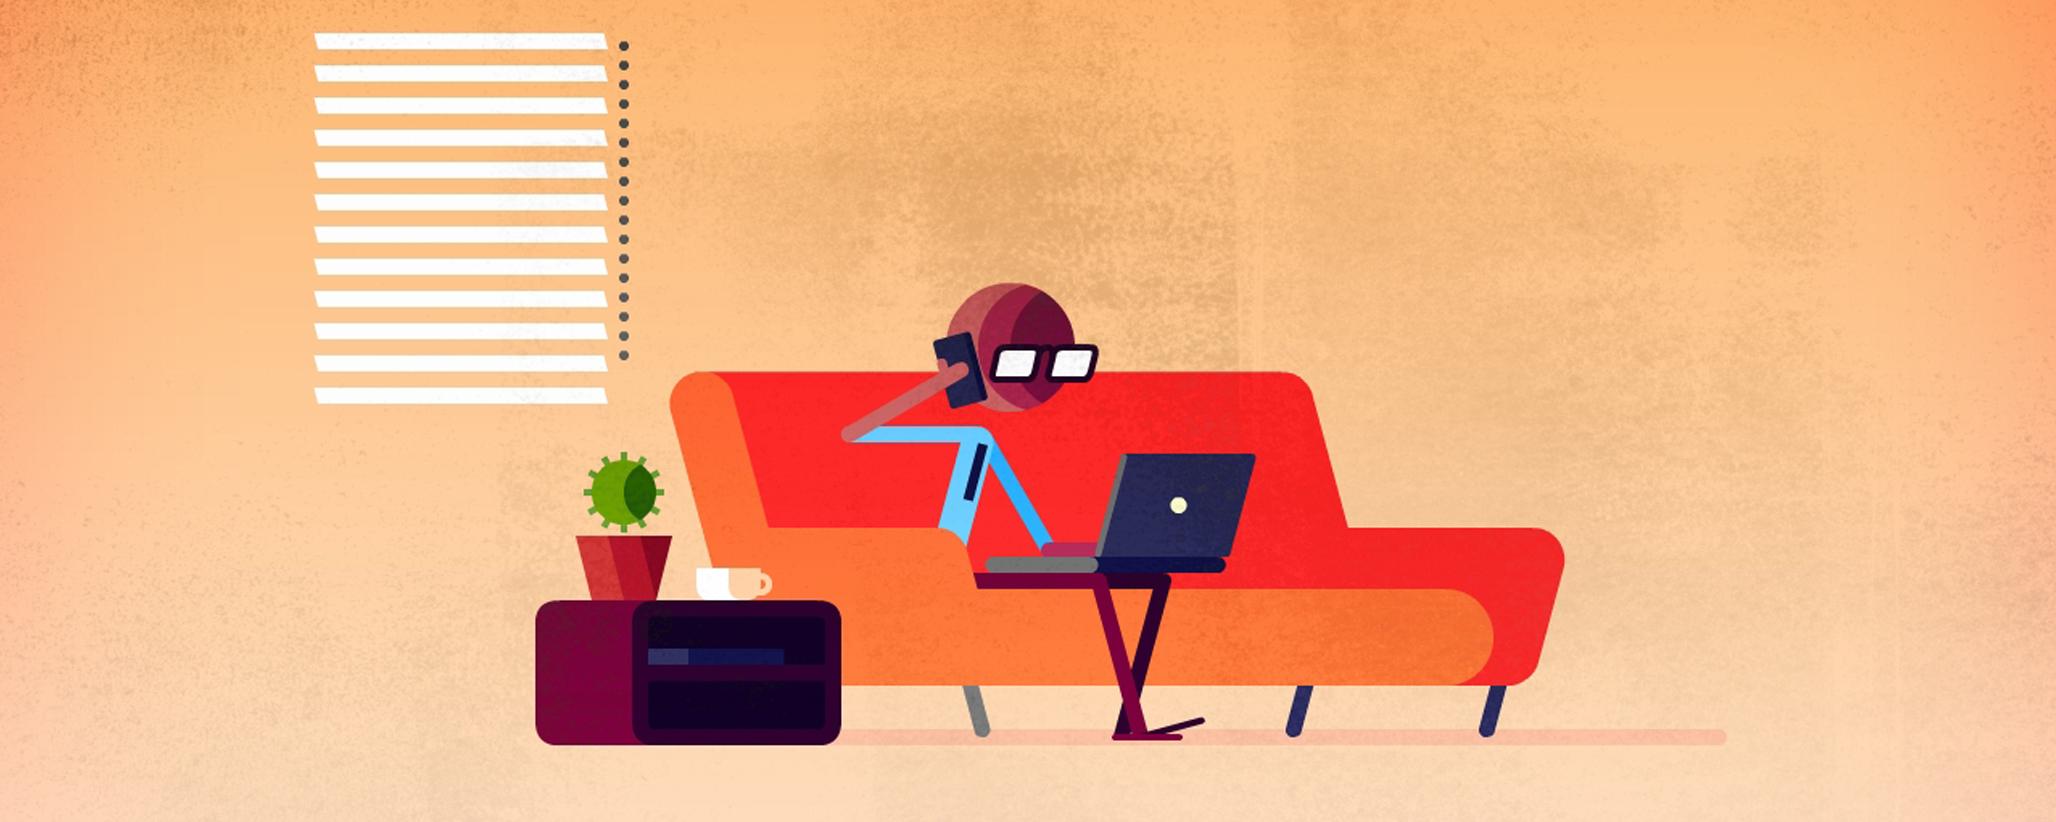 Моушн-дизайн: что это такое, обучение, вакансии и особенности профессии